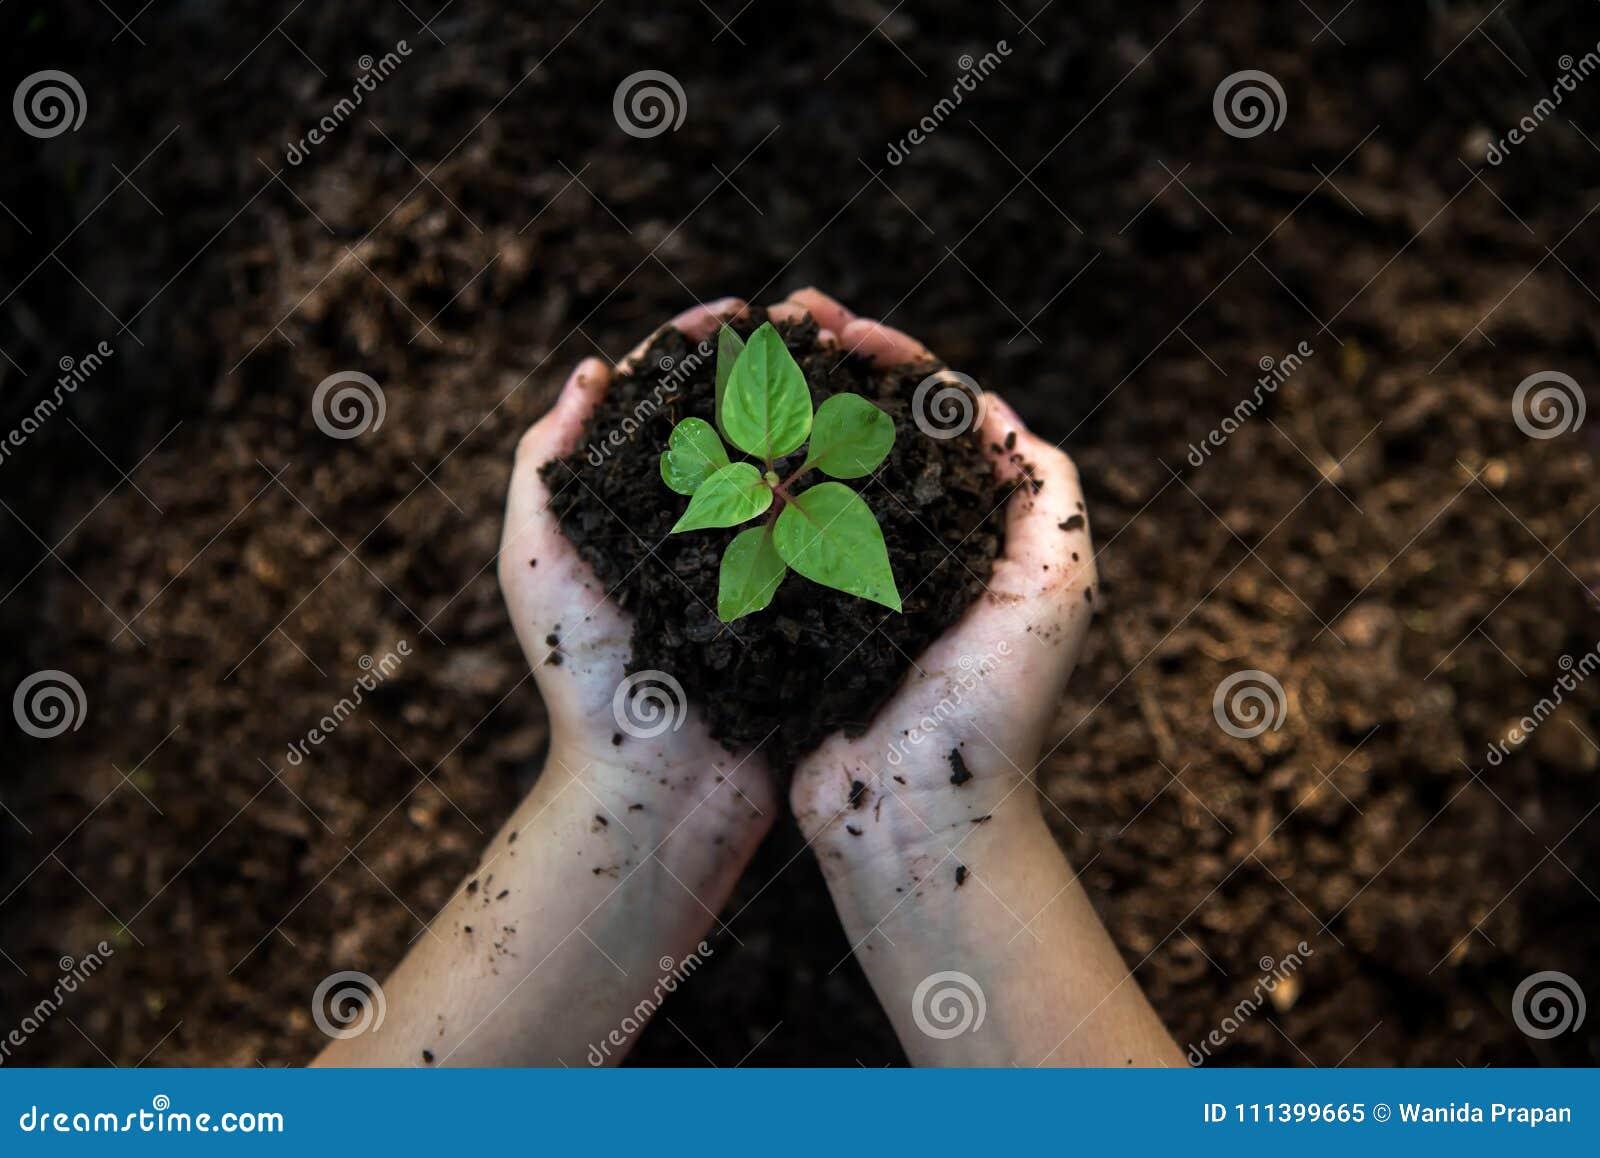 Da el niño que sostiene las plántulas en el suelo trasero en el parque de naturaleza de crecimiento de la planta